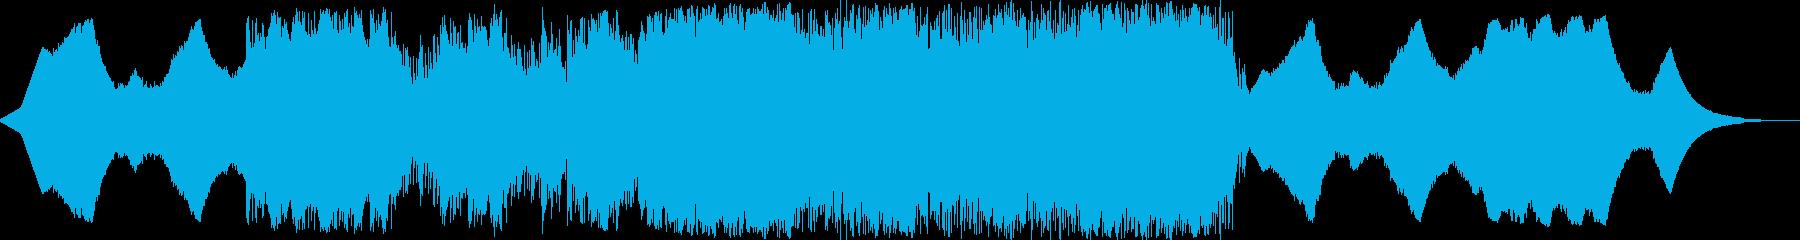 緊迫感から壮大なイメージのエレクトロニカの再生済みの波形